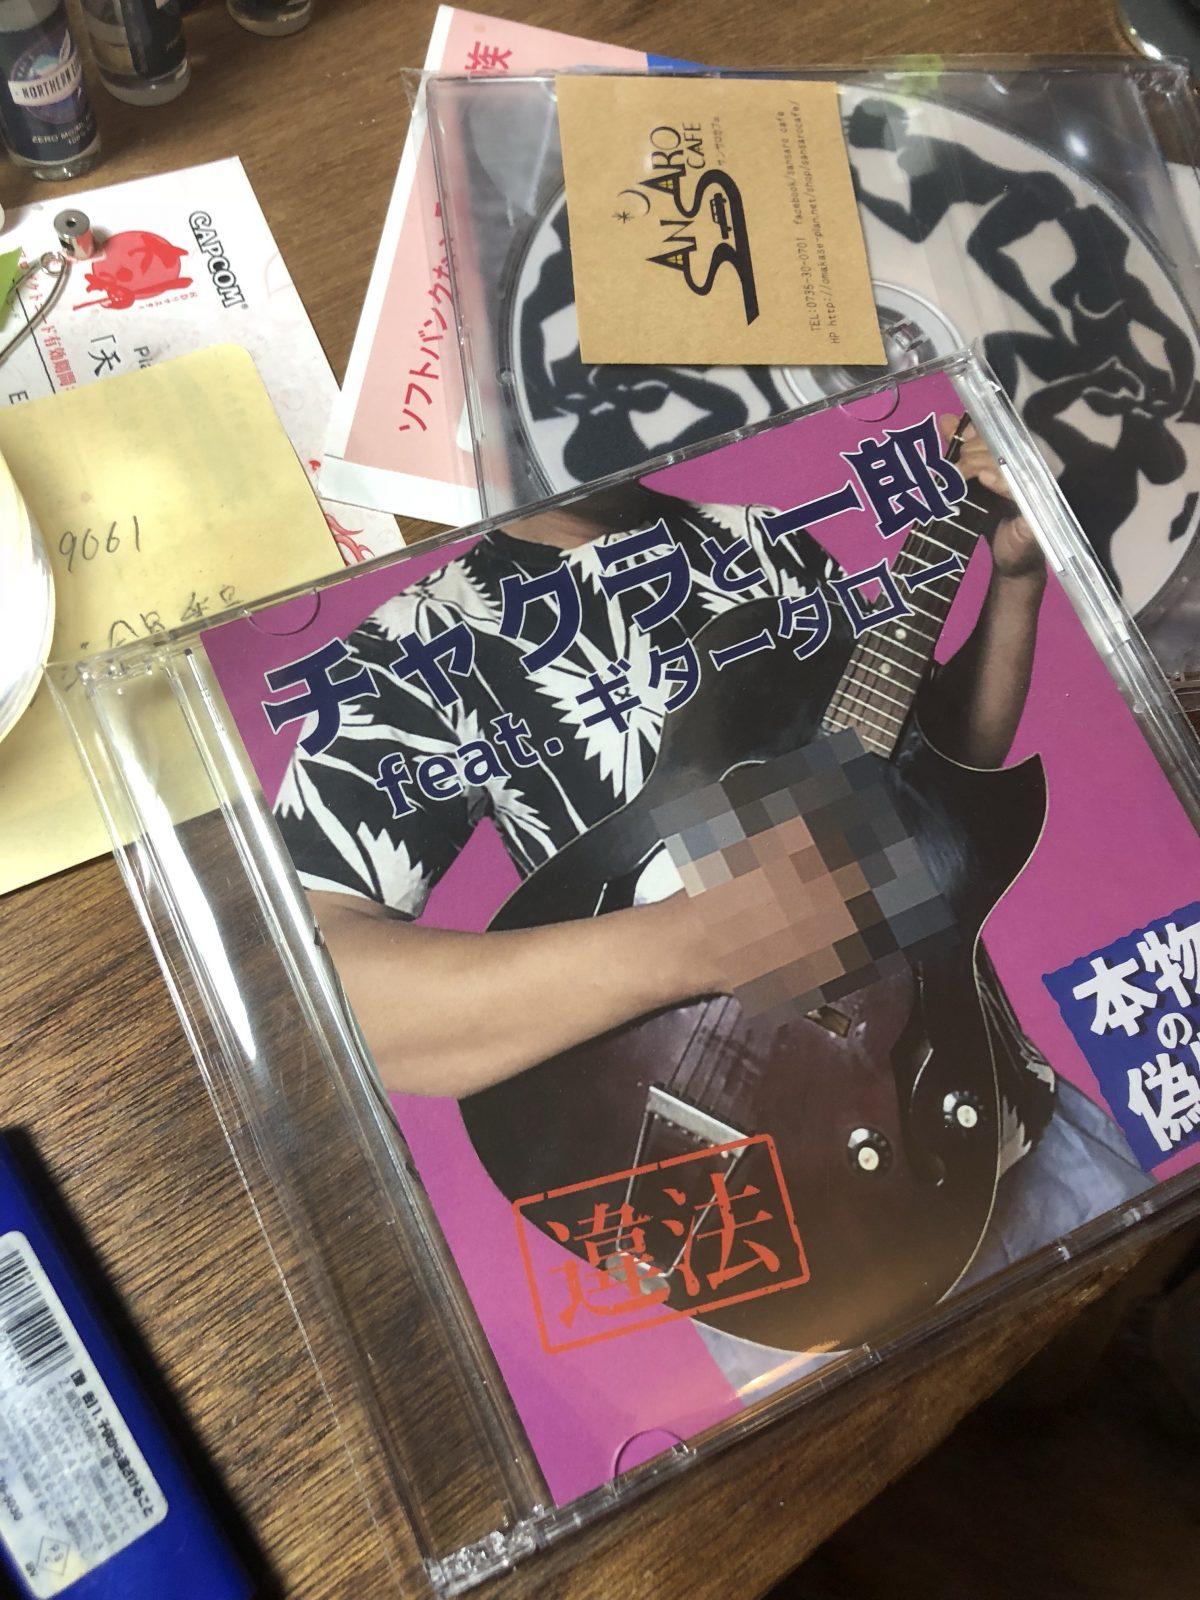 チャクラと一郎 feat.ギタータロー